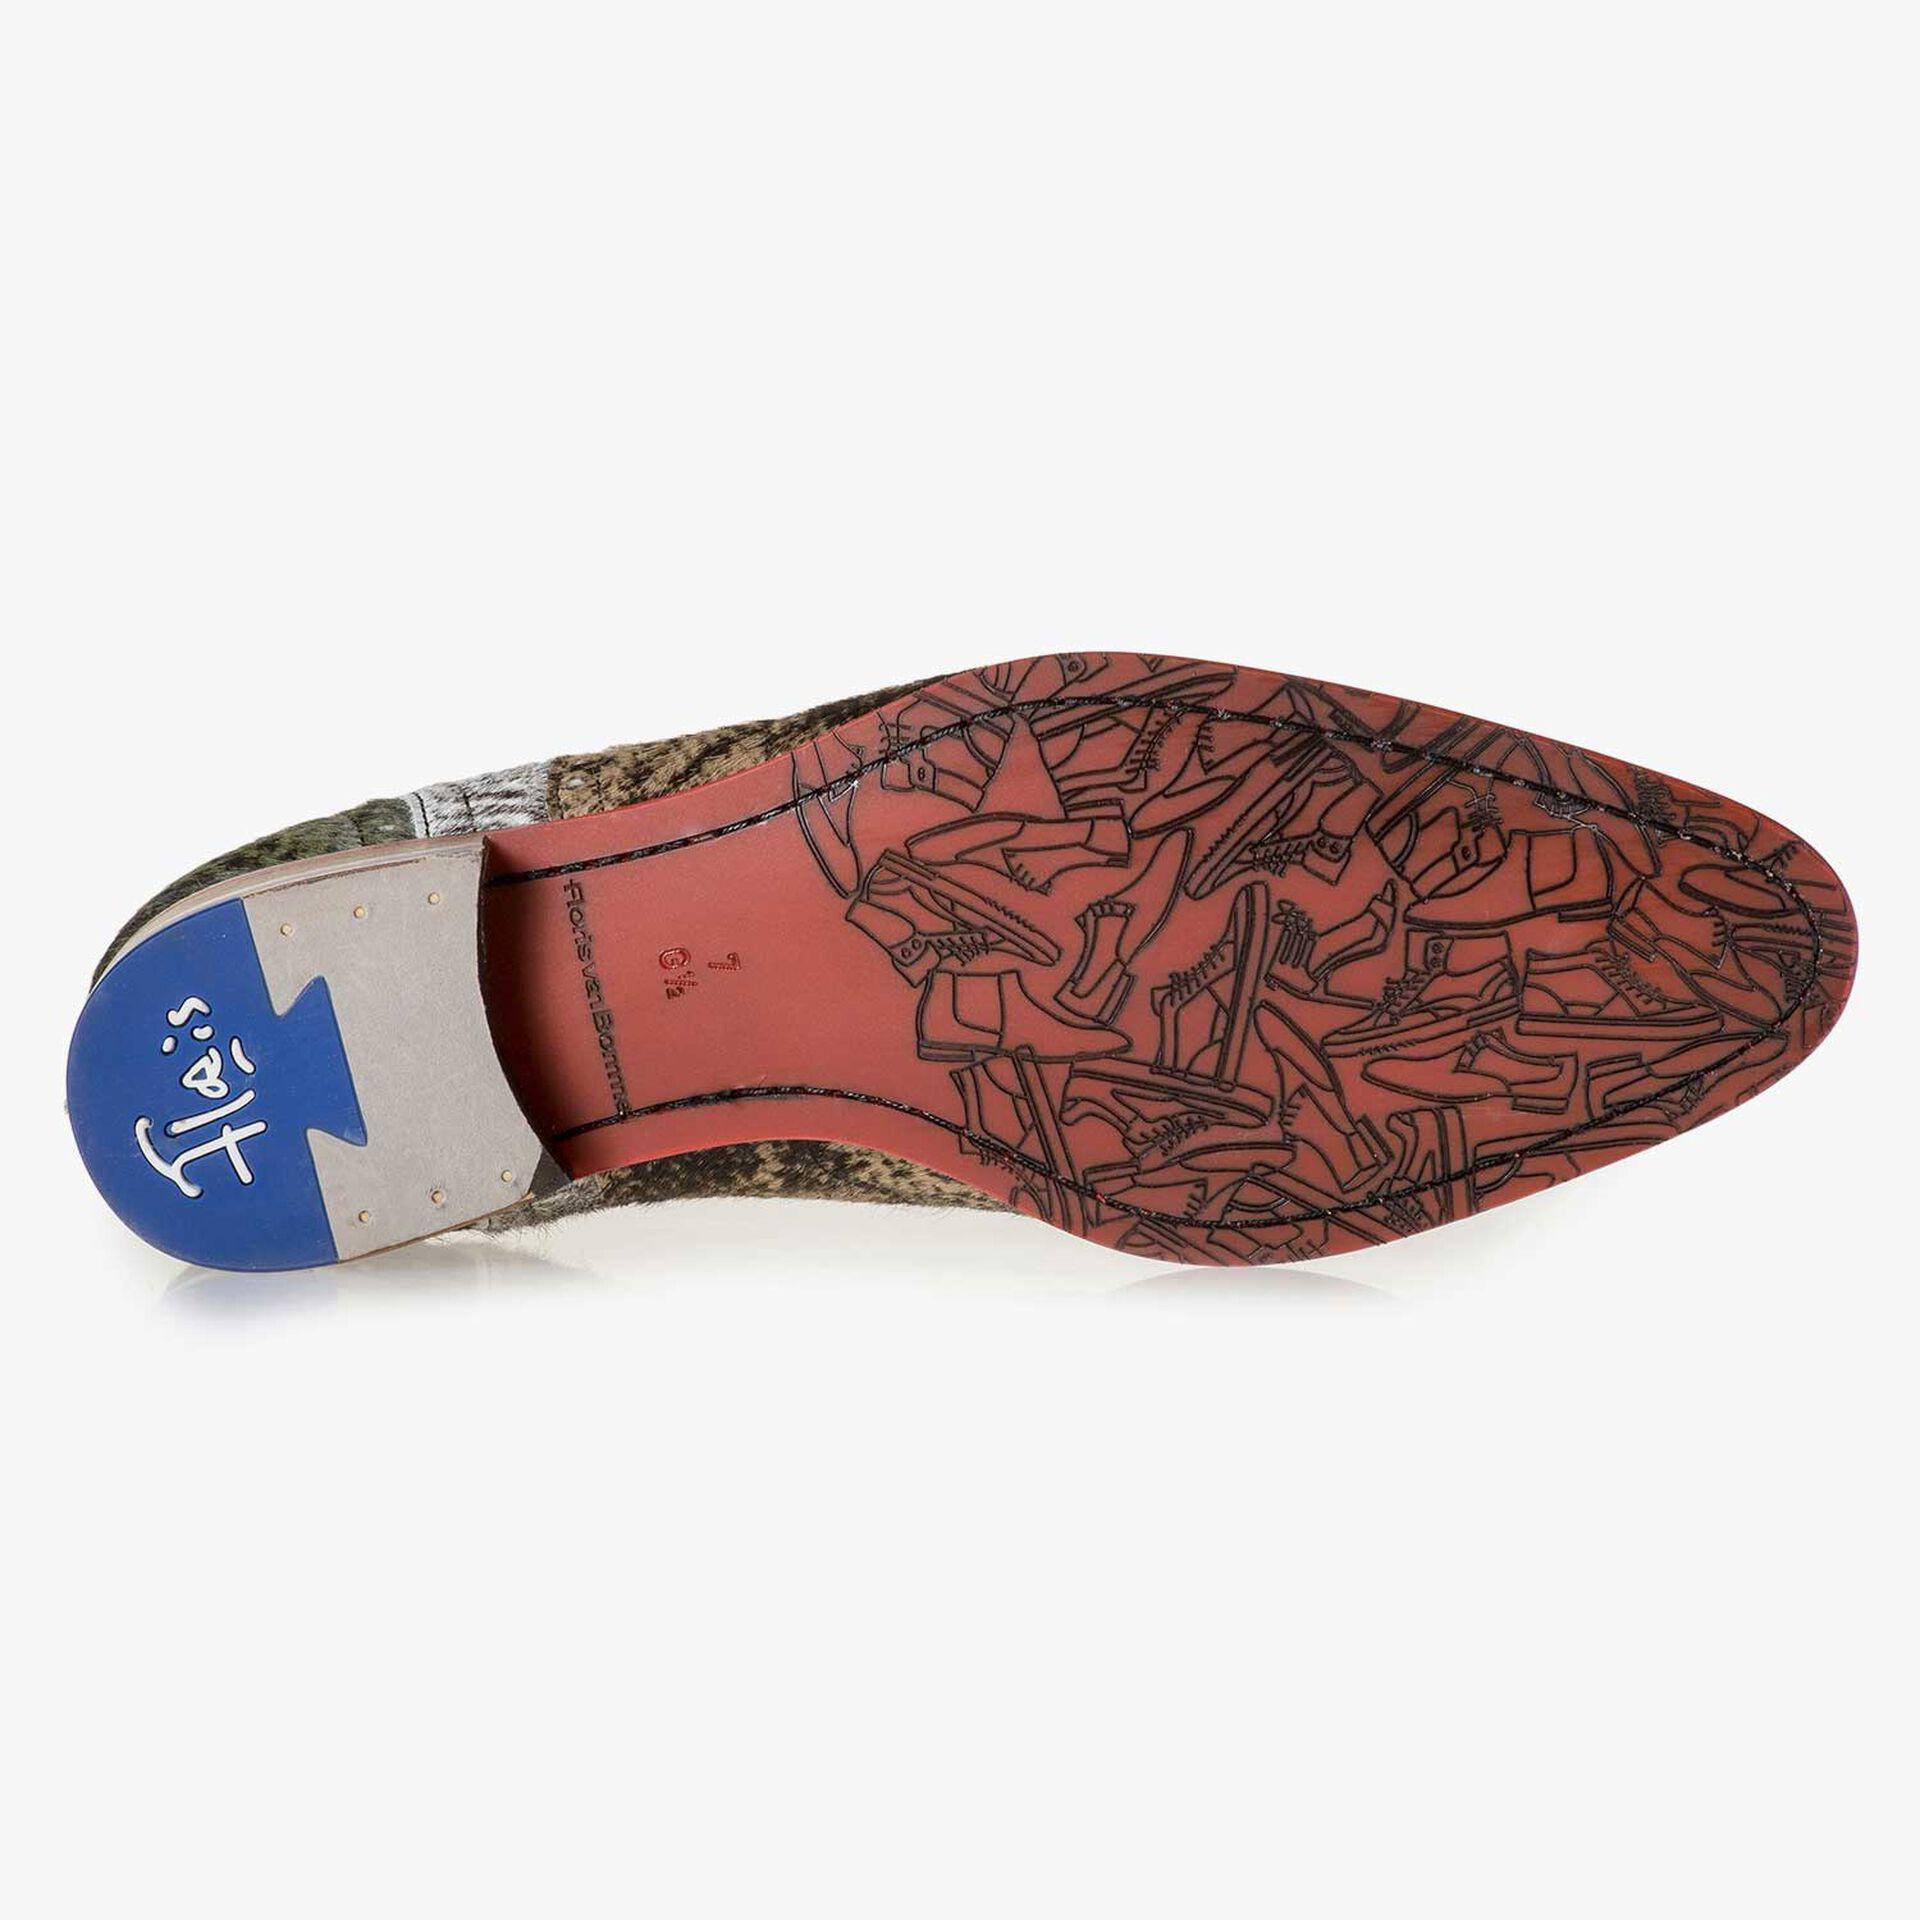 Brauner Premium-Schnürschuh mit Print